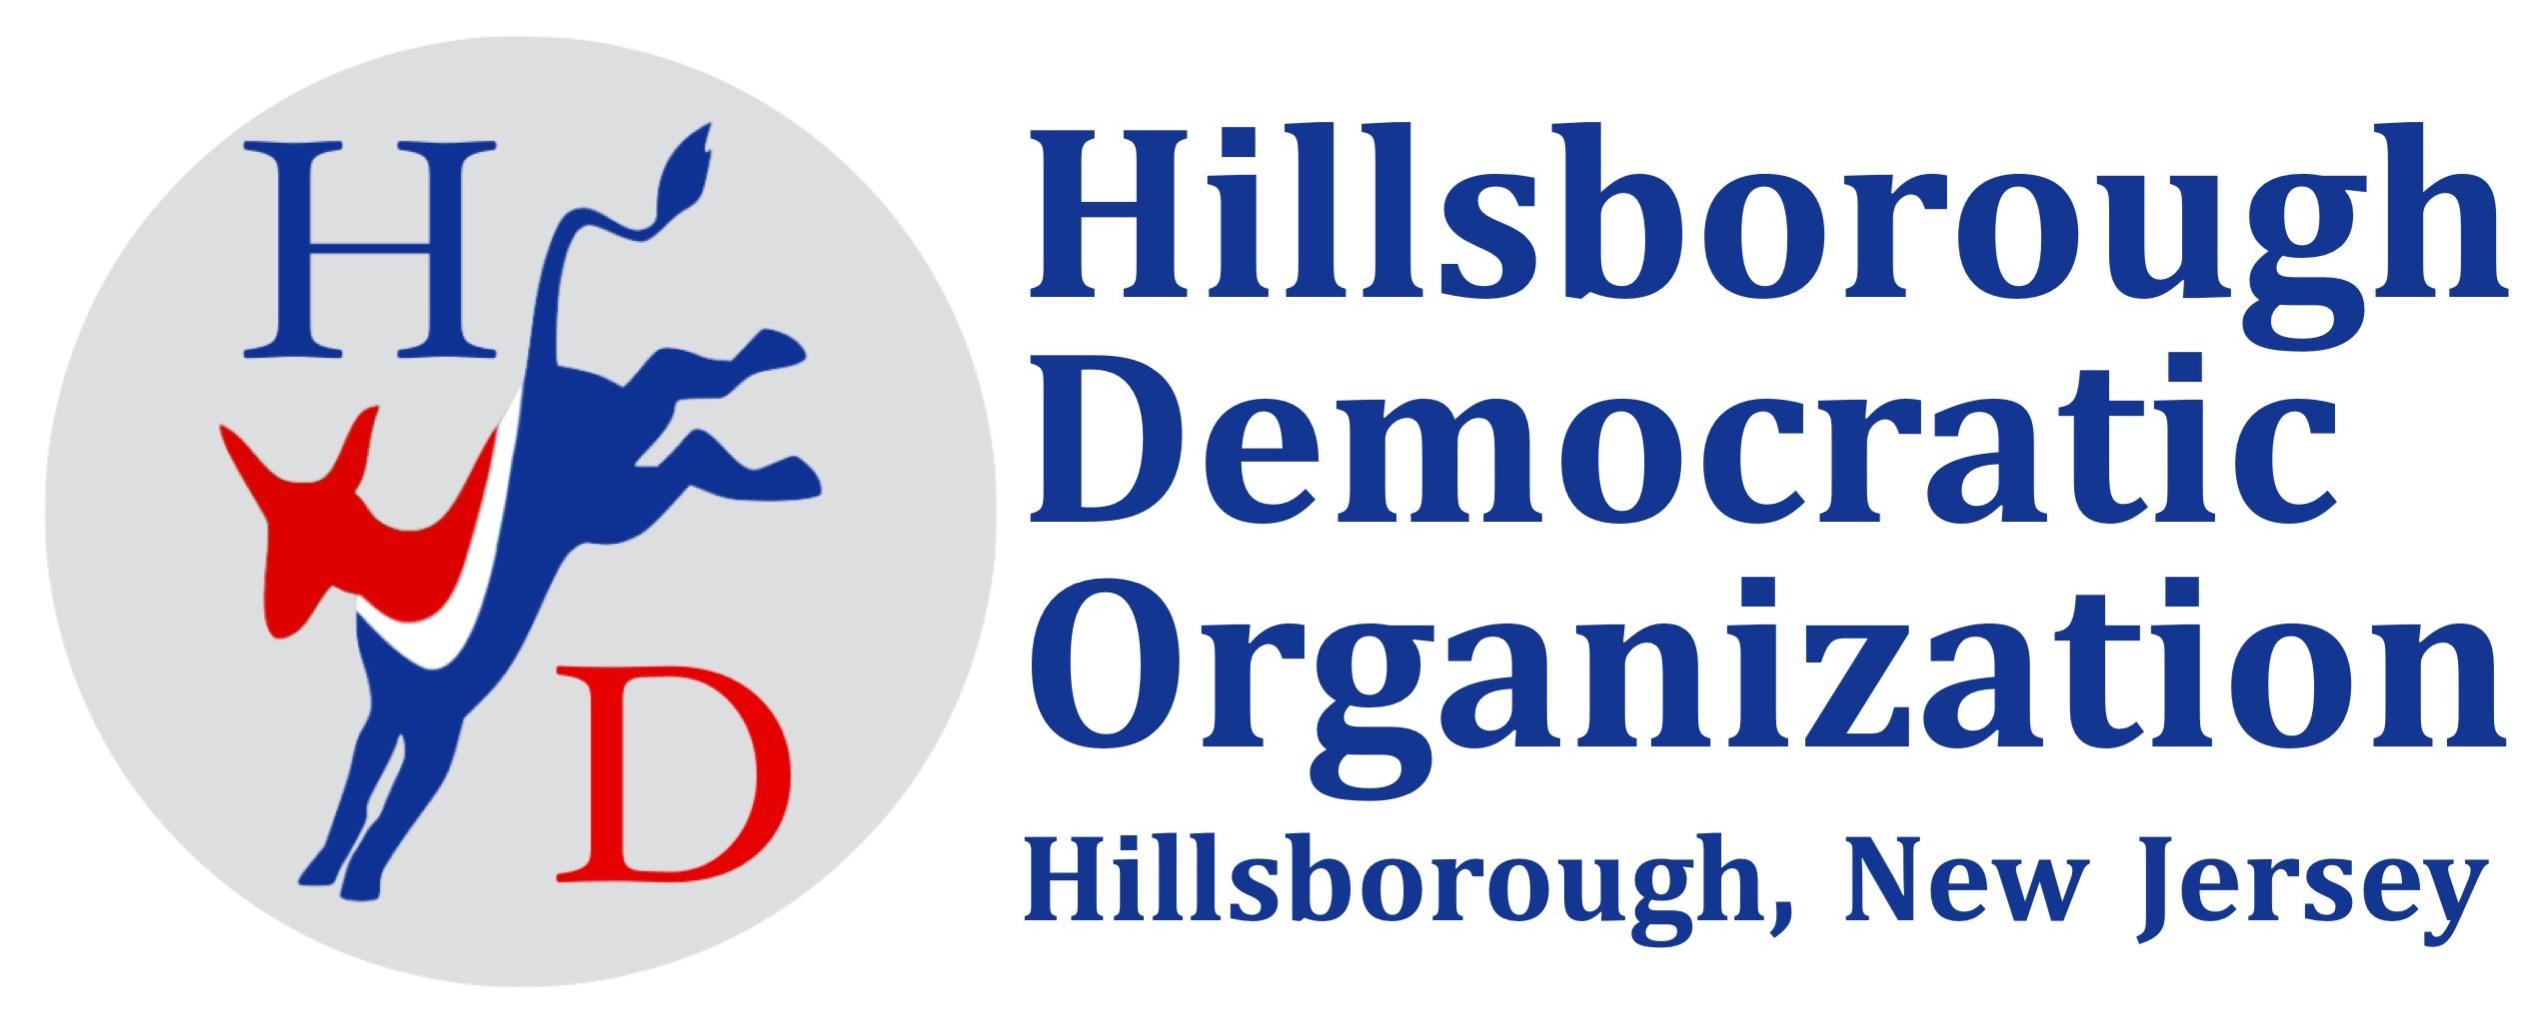 Hillsborough Democratic Organization (NJ)